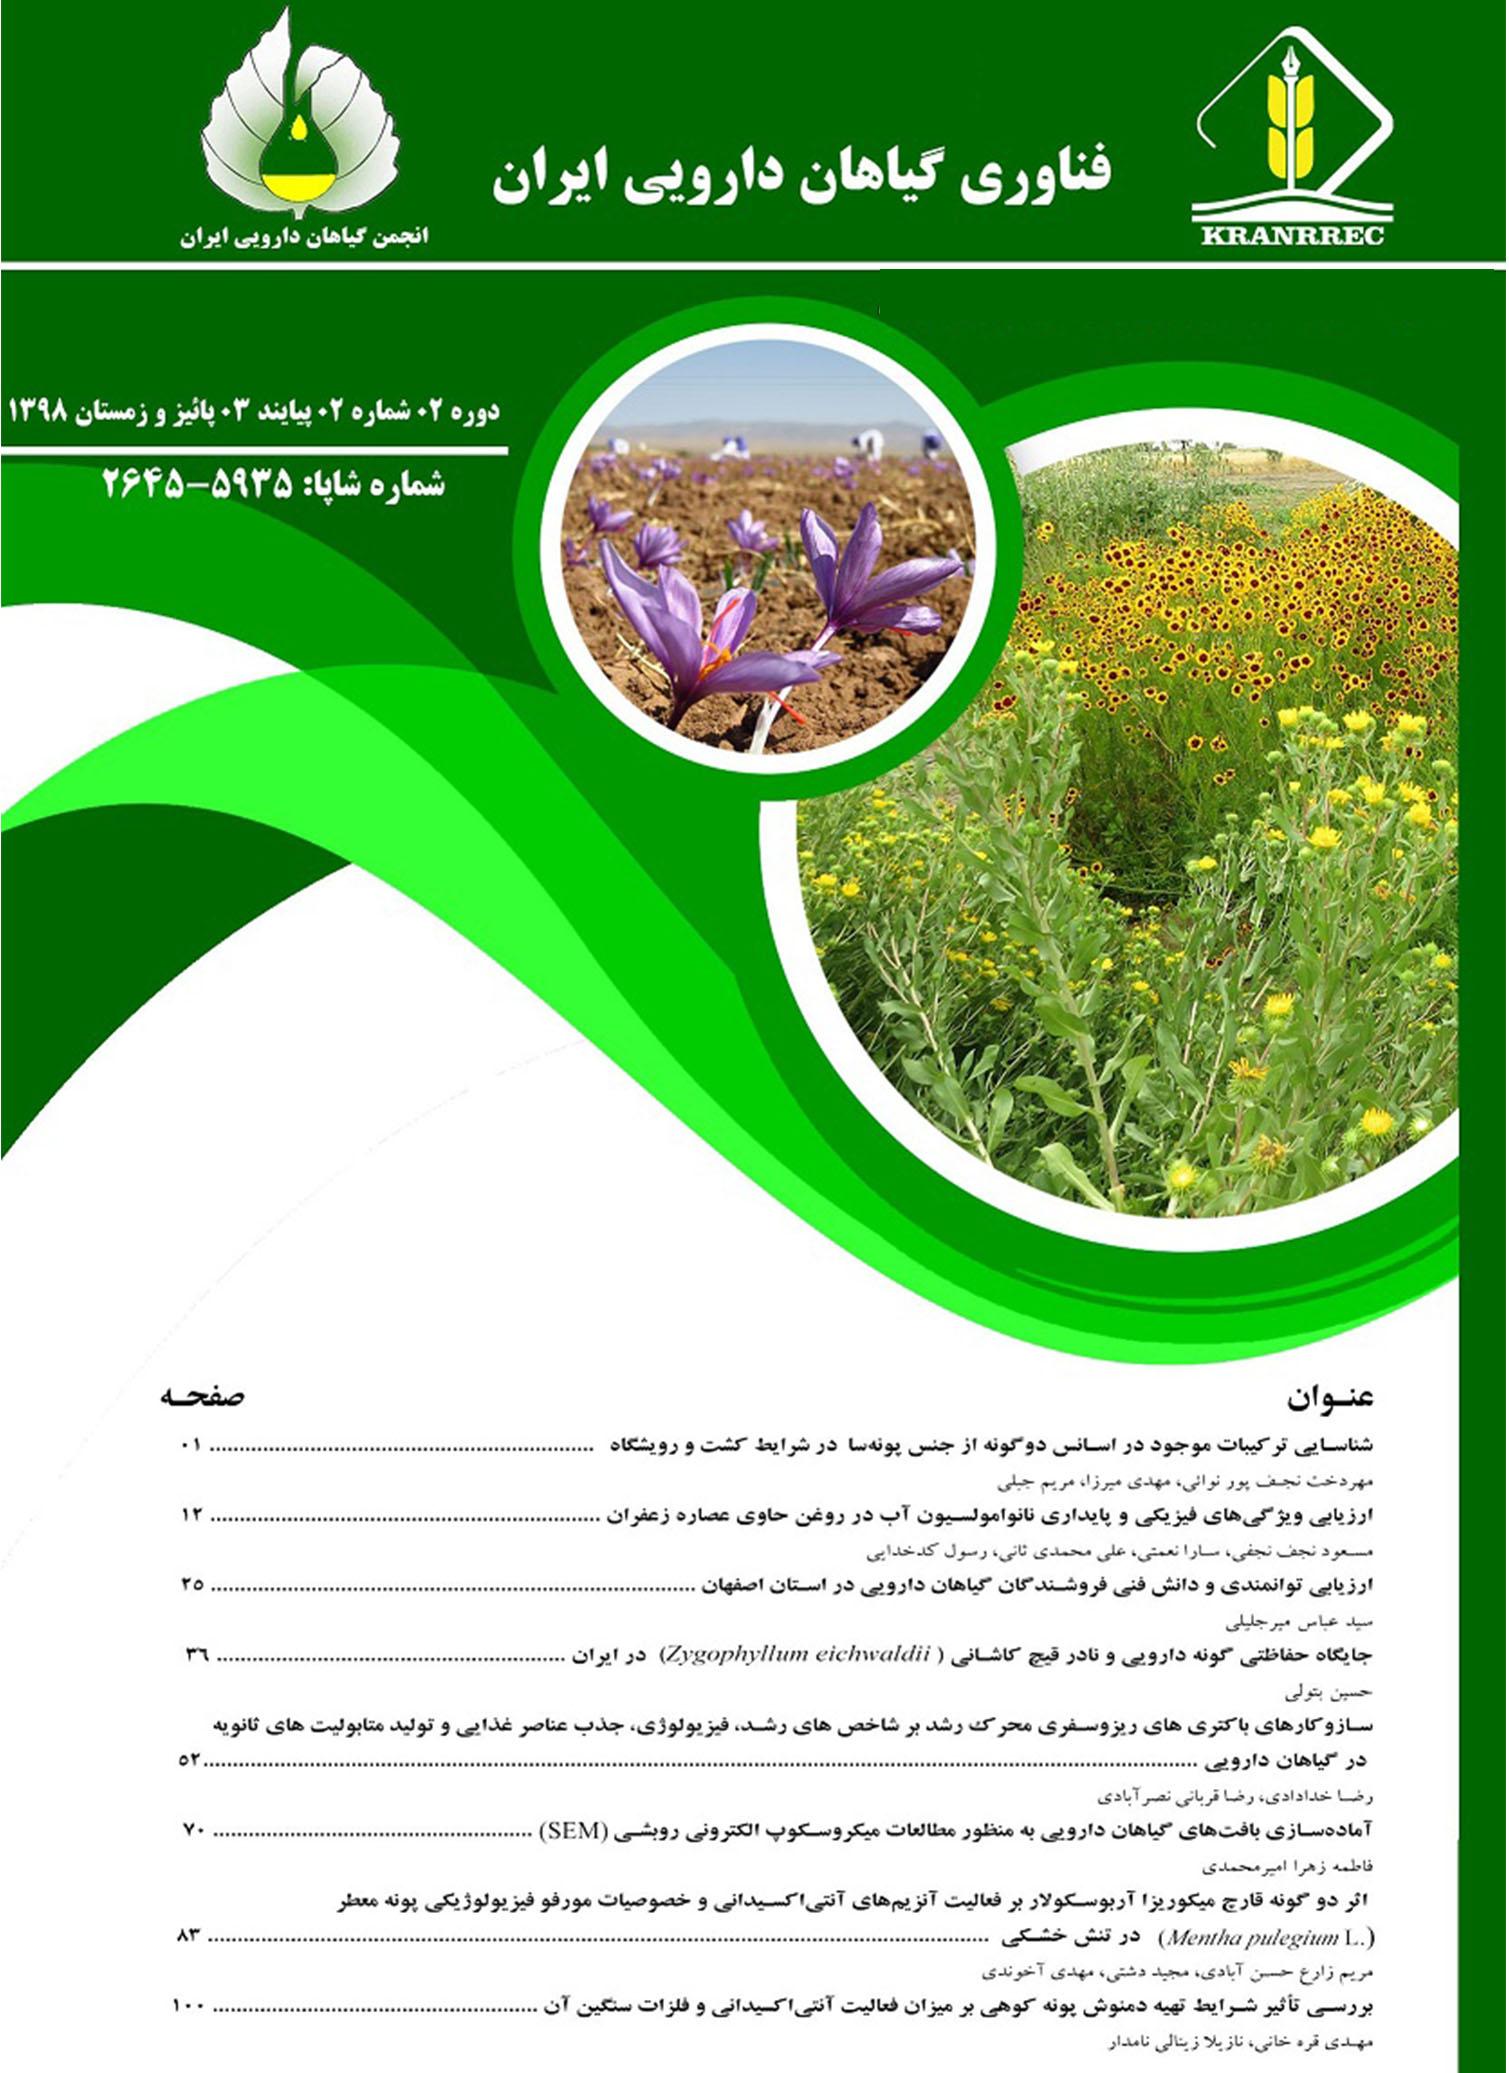 فناوری گیاهان دارویی ایران